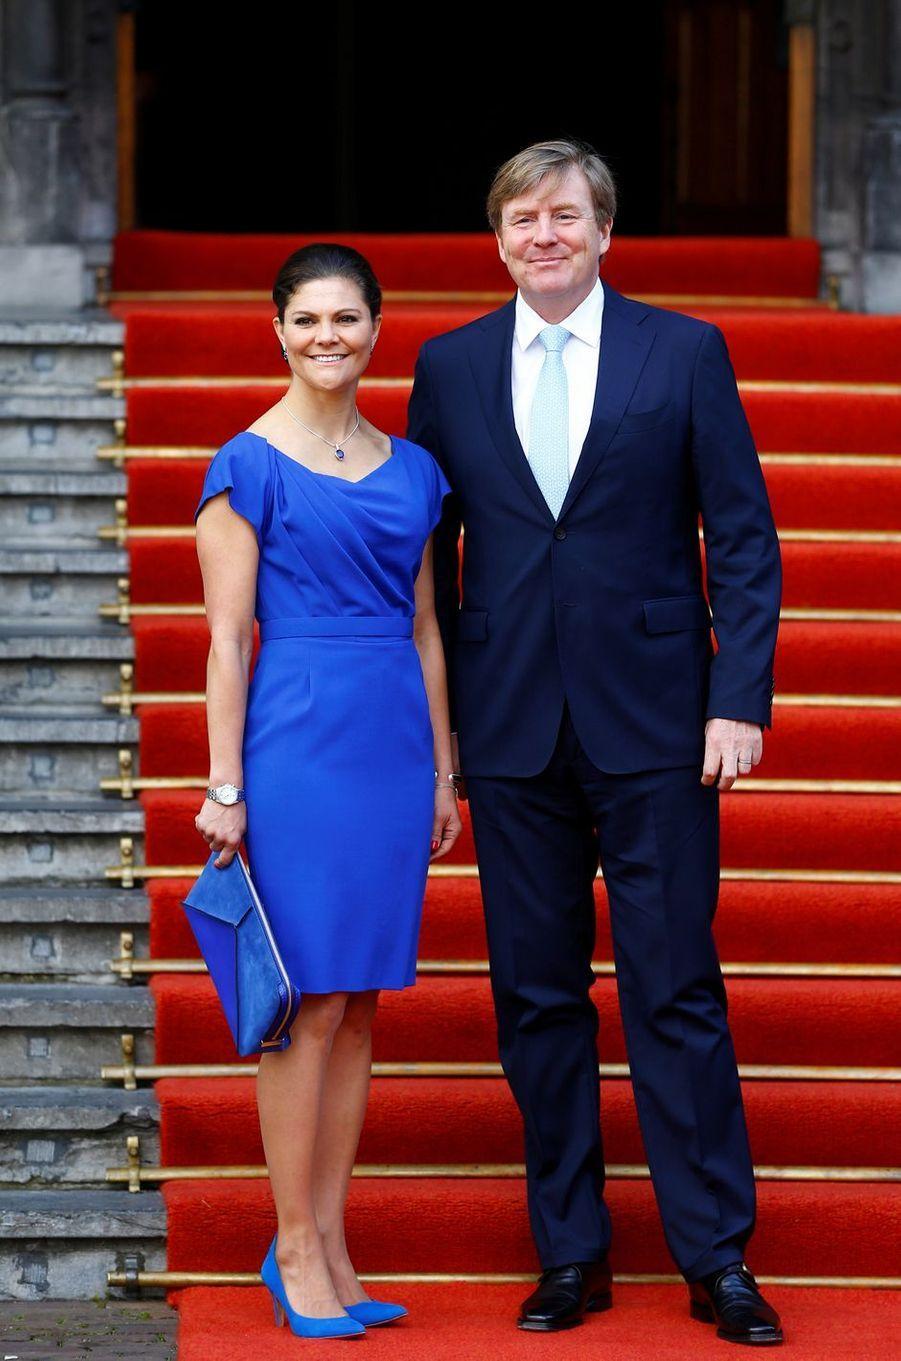 La princesse Victoria de Suède et le roi Willem-Alexander des Pays-Bas devant le Binnenhof à La Haye, le 26 avril 2017